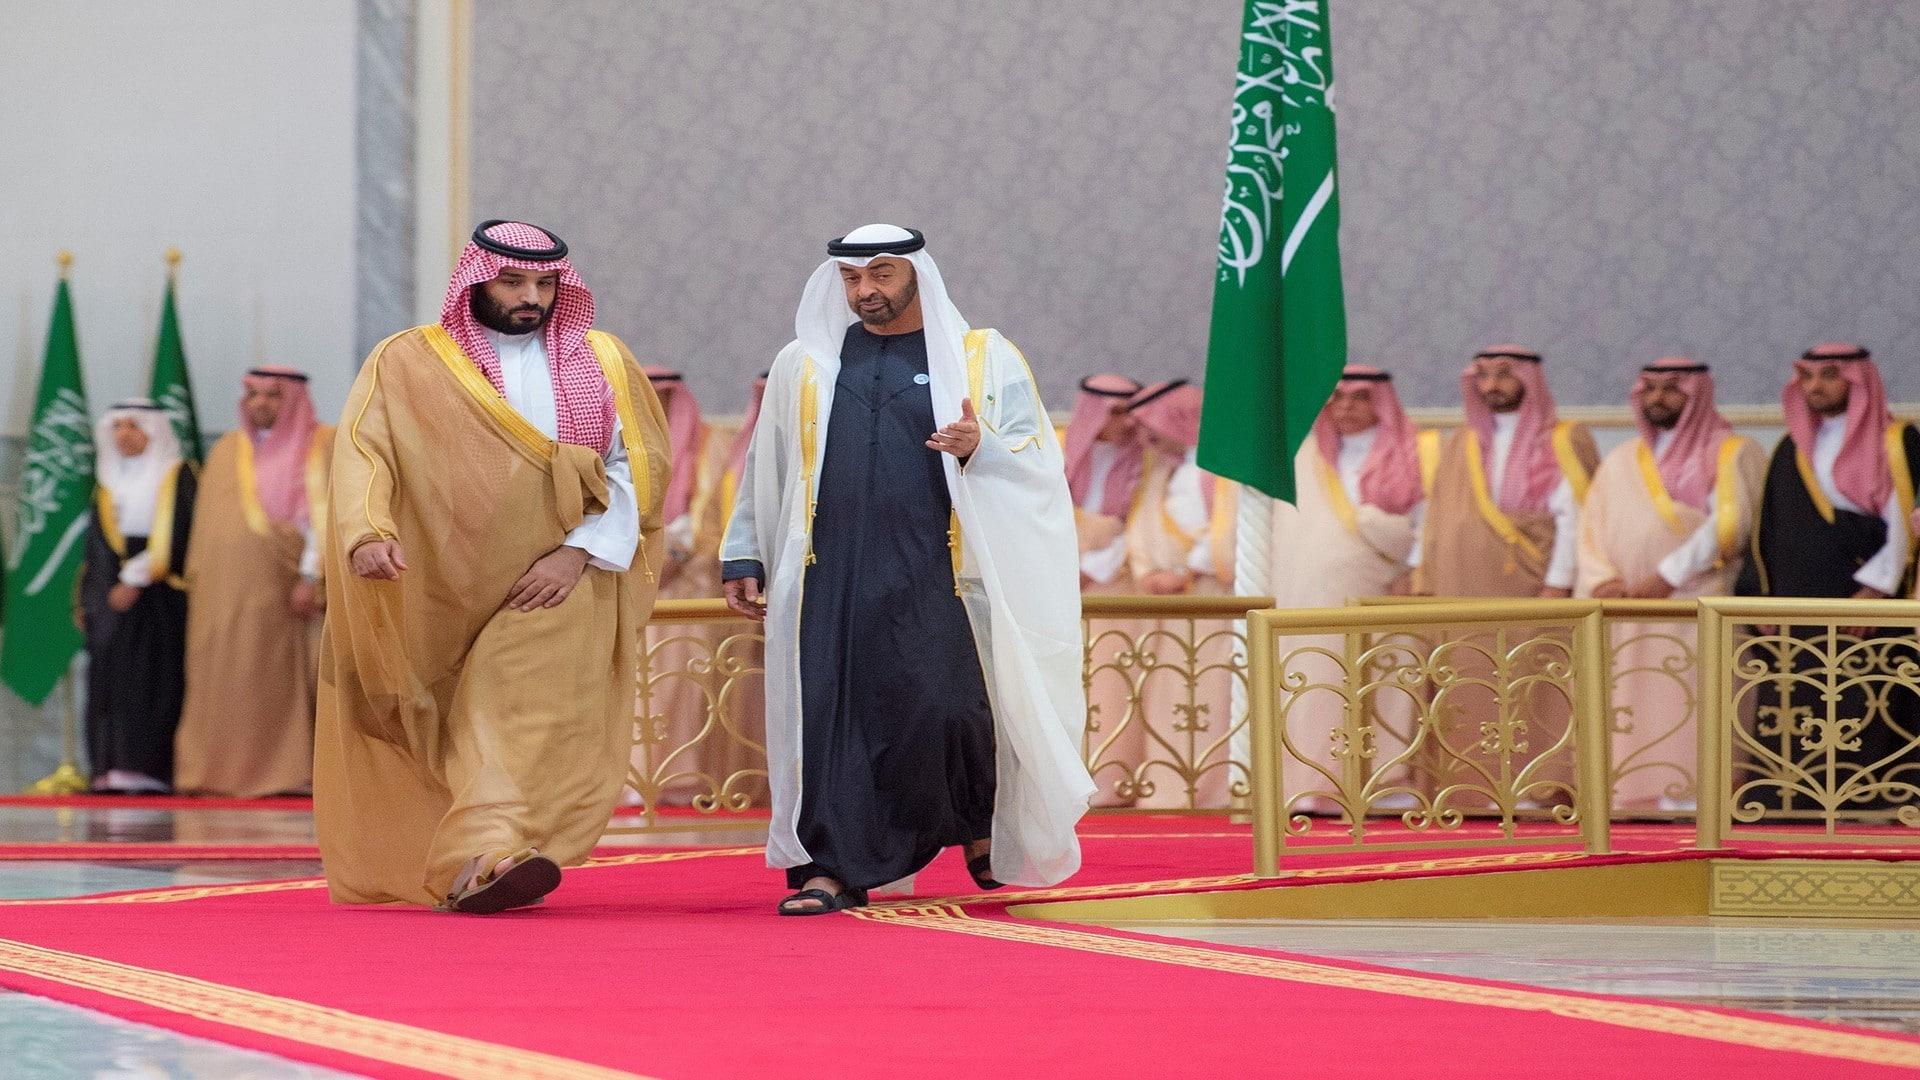 صحيفة عبرية: الخلاف السعودي الإماراتي سيعود على إسرائيل بضرر كبير